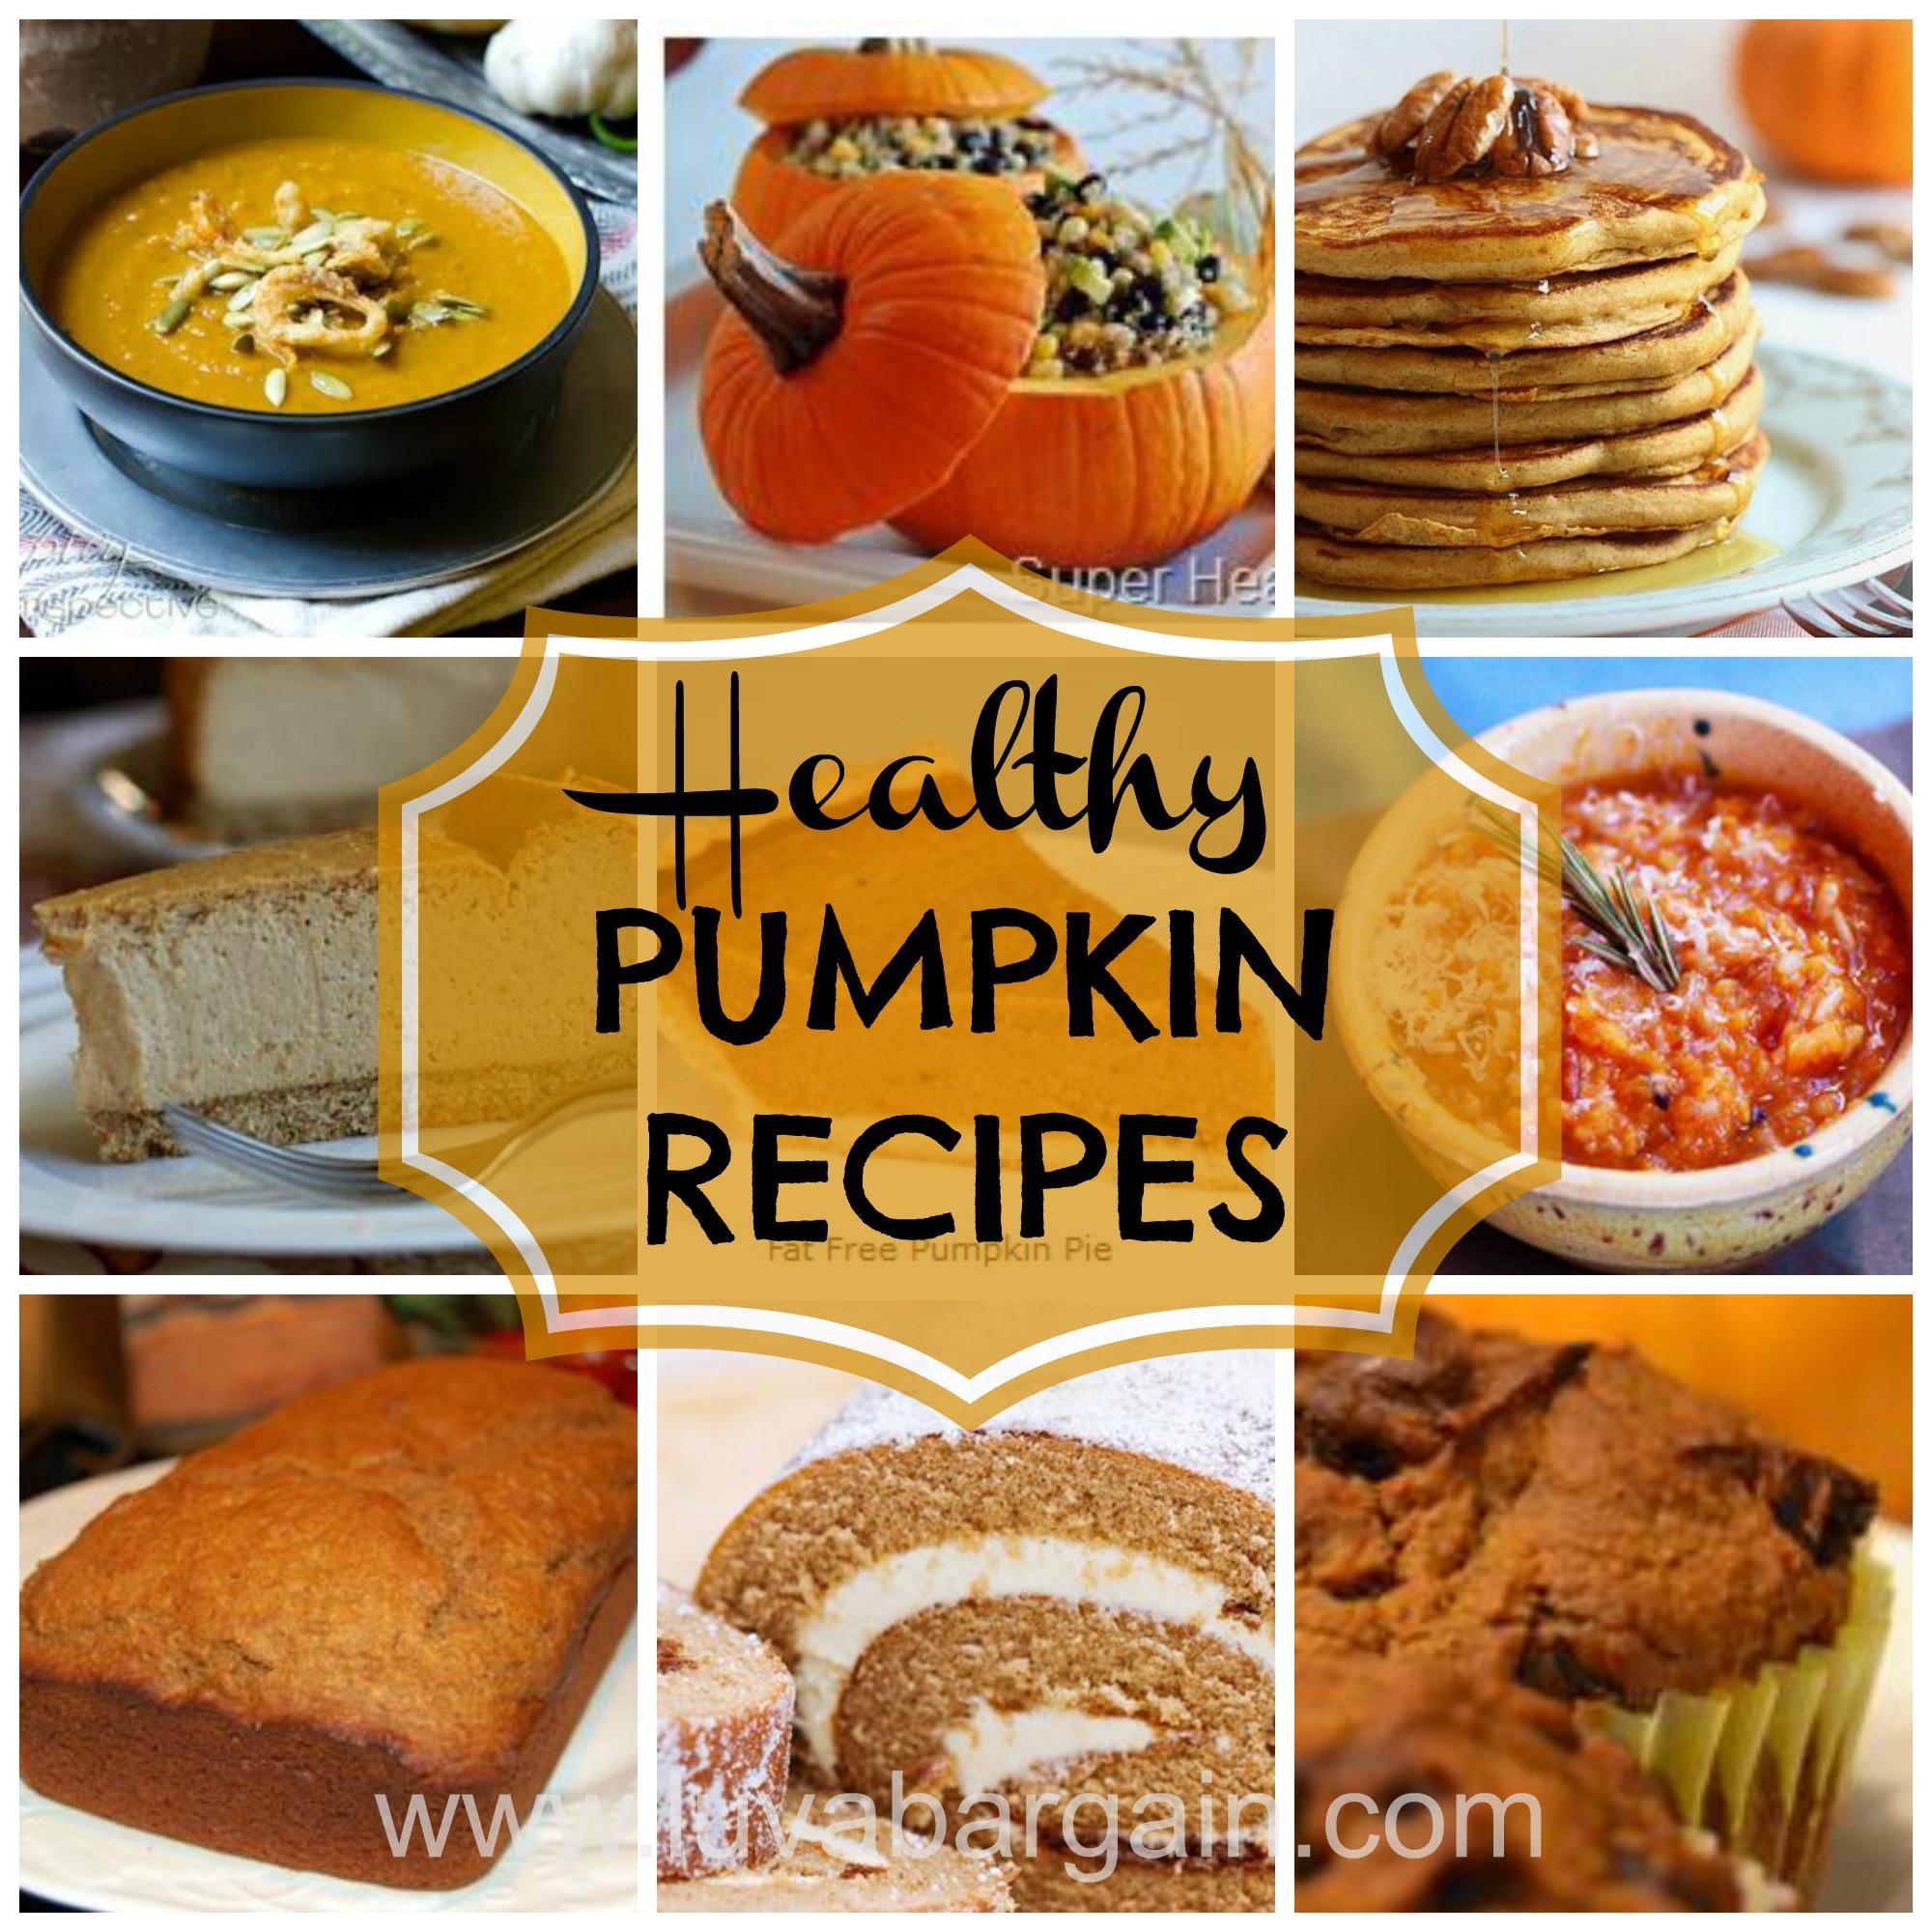 Healthy Pumpkin Seed Recipes  Healthy Pumpkin Recipes